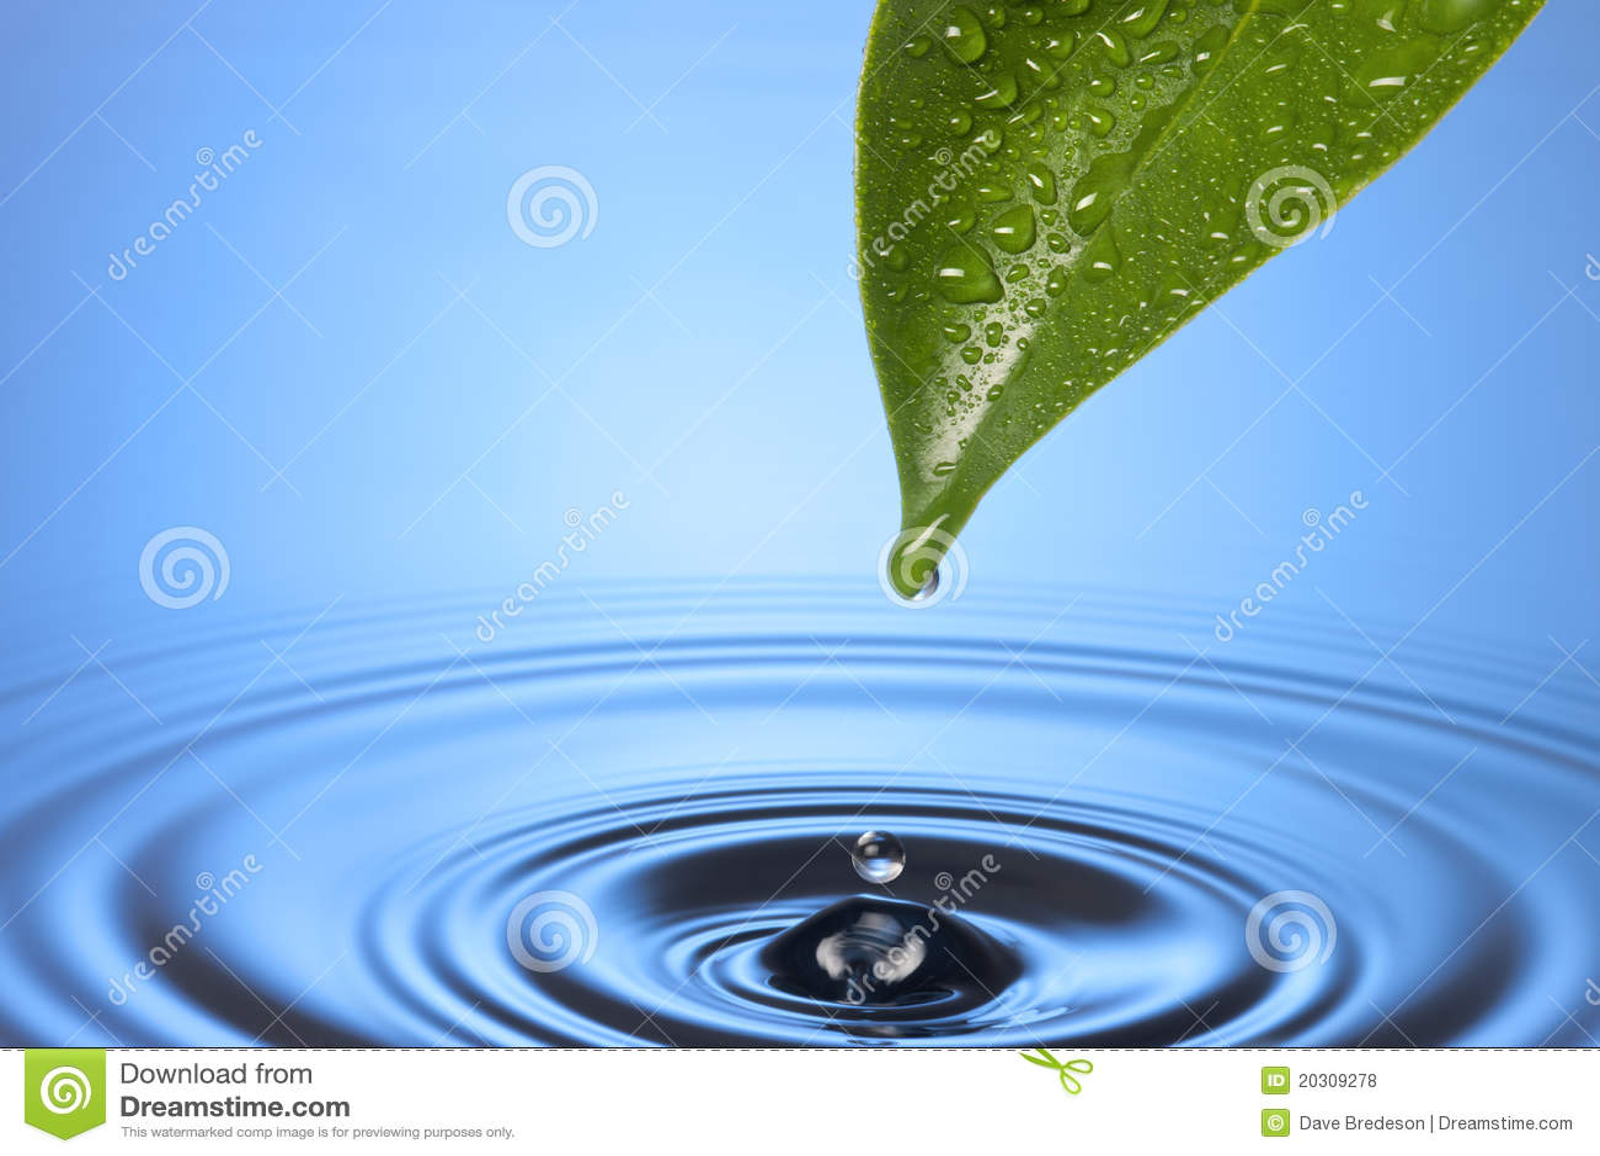 Spa Water Drop Leaf Ripples